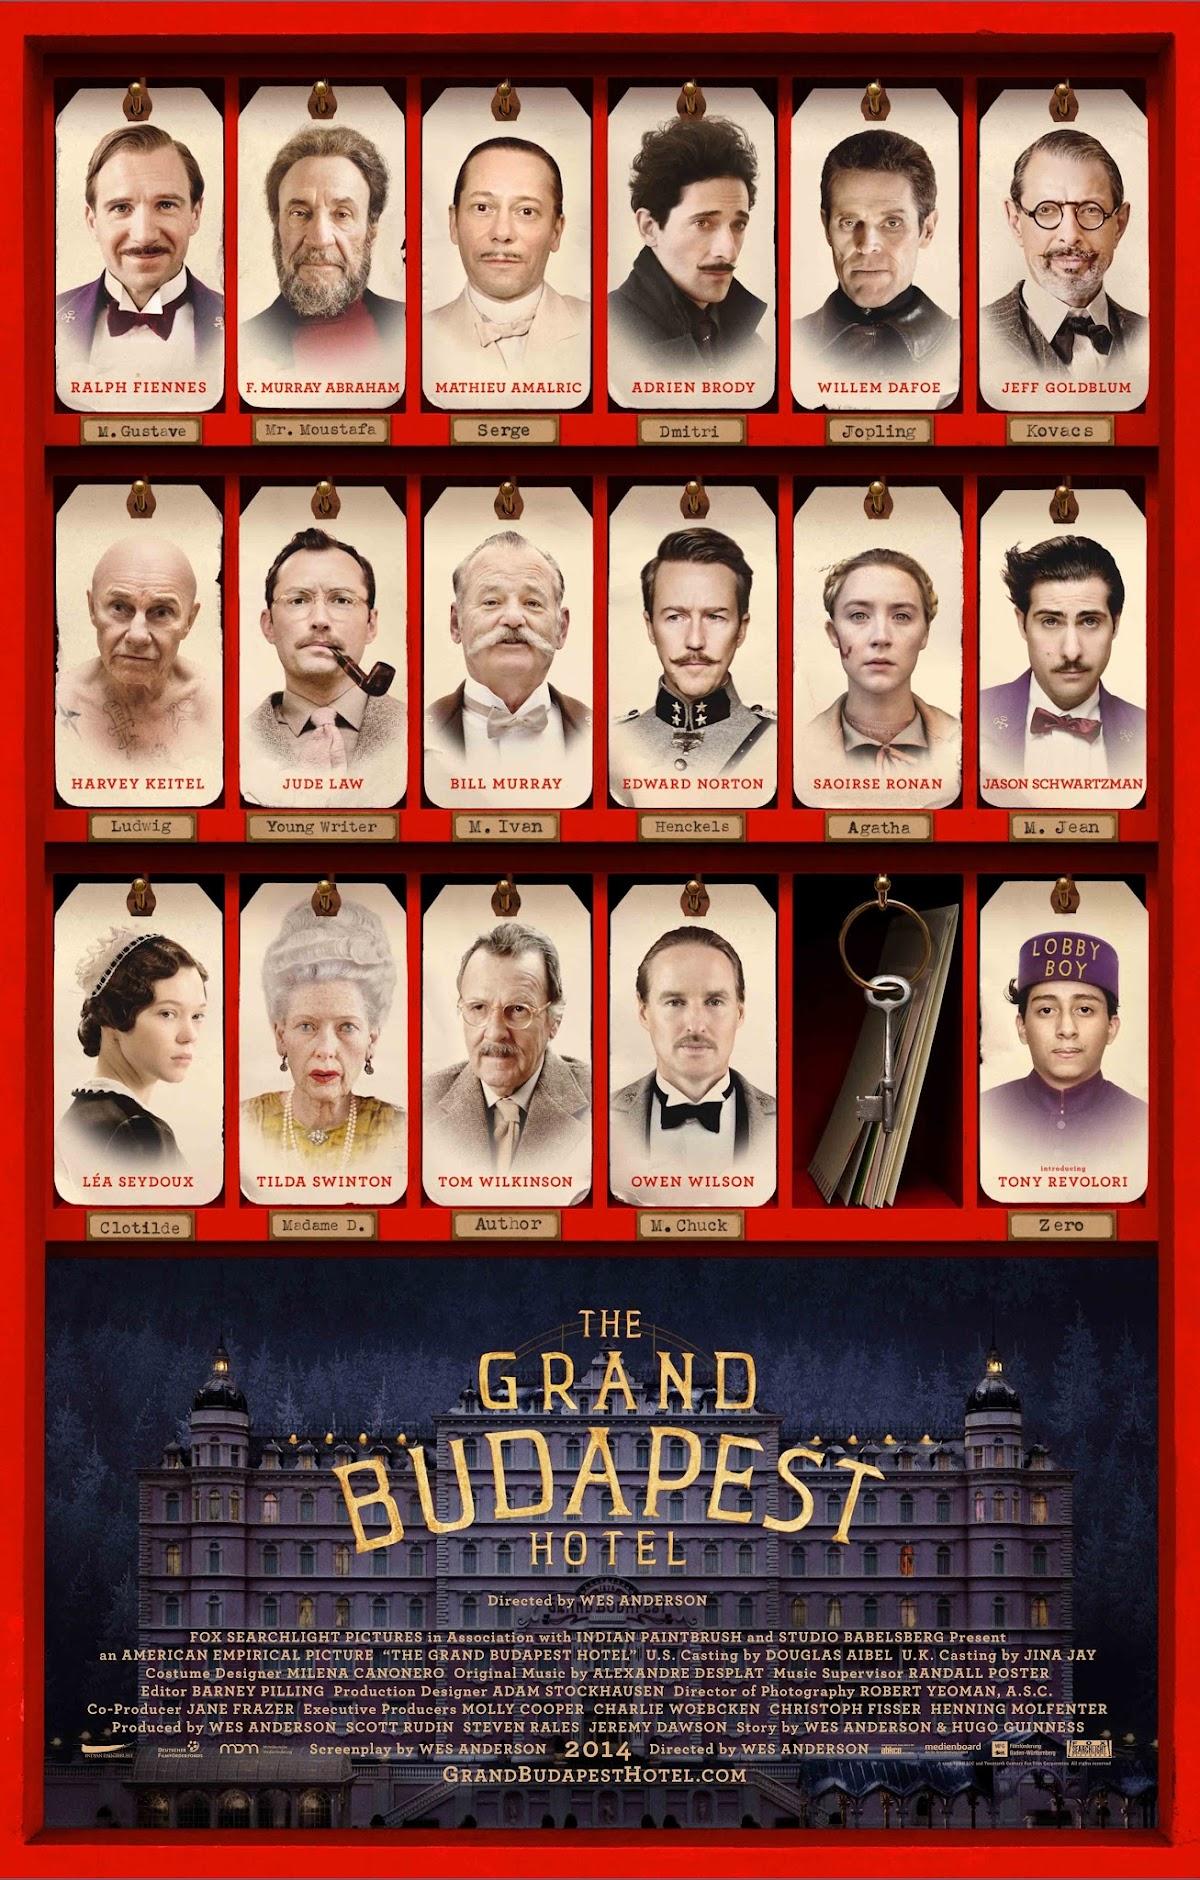 http://2.bp.blogspot.com/-PelwfRKjjeo/Uyt8OwIAx5I/AAAAAAAAuAs/4AFLDPPna2k/s1880/The+Grand+Budapest+Hotel+poster.jpg